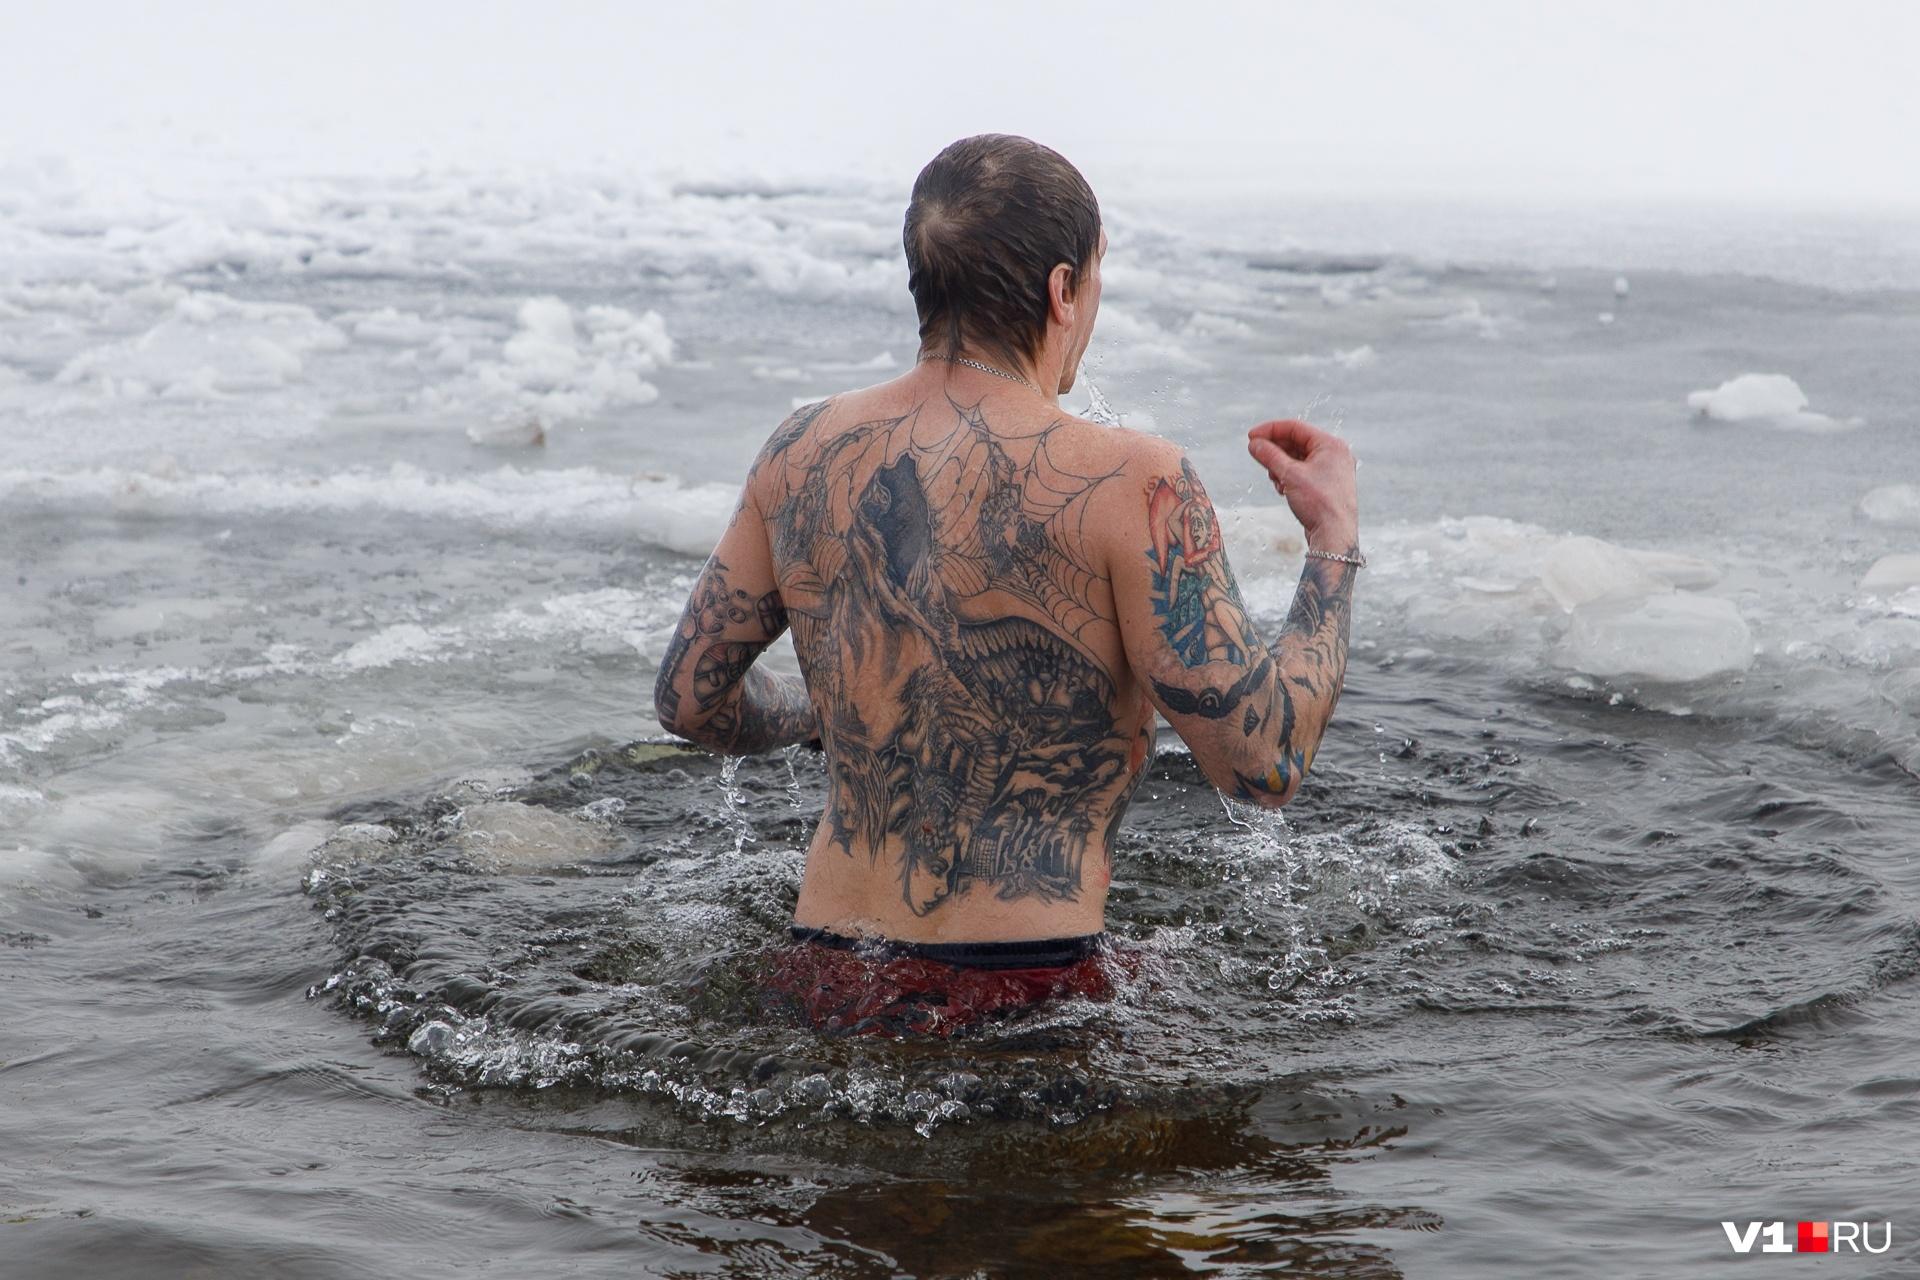 Волгоградцы, совершающие обряд ежегодно, не боятся 10-градусных морозов